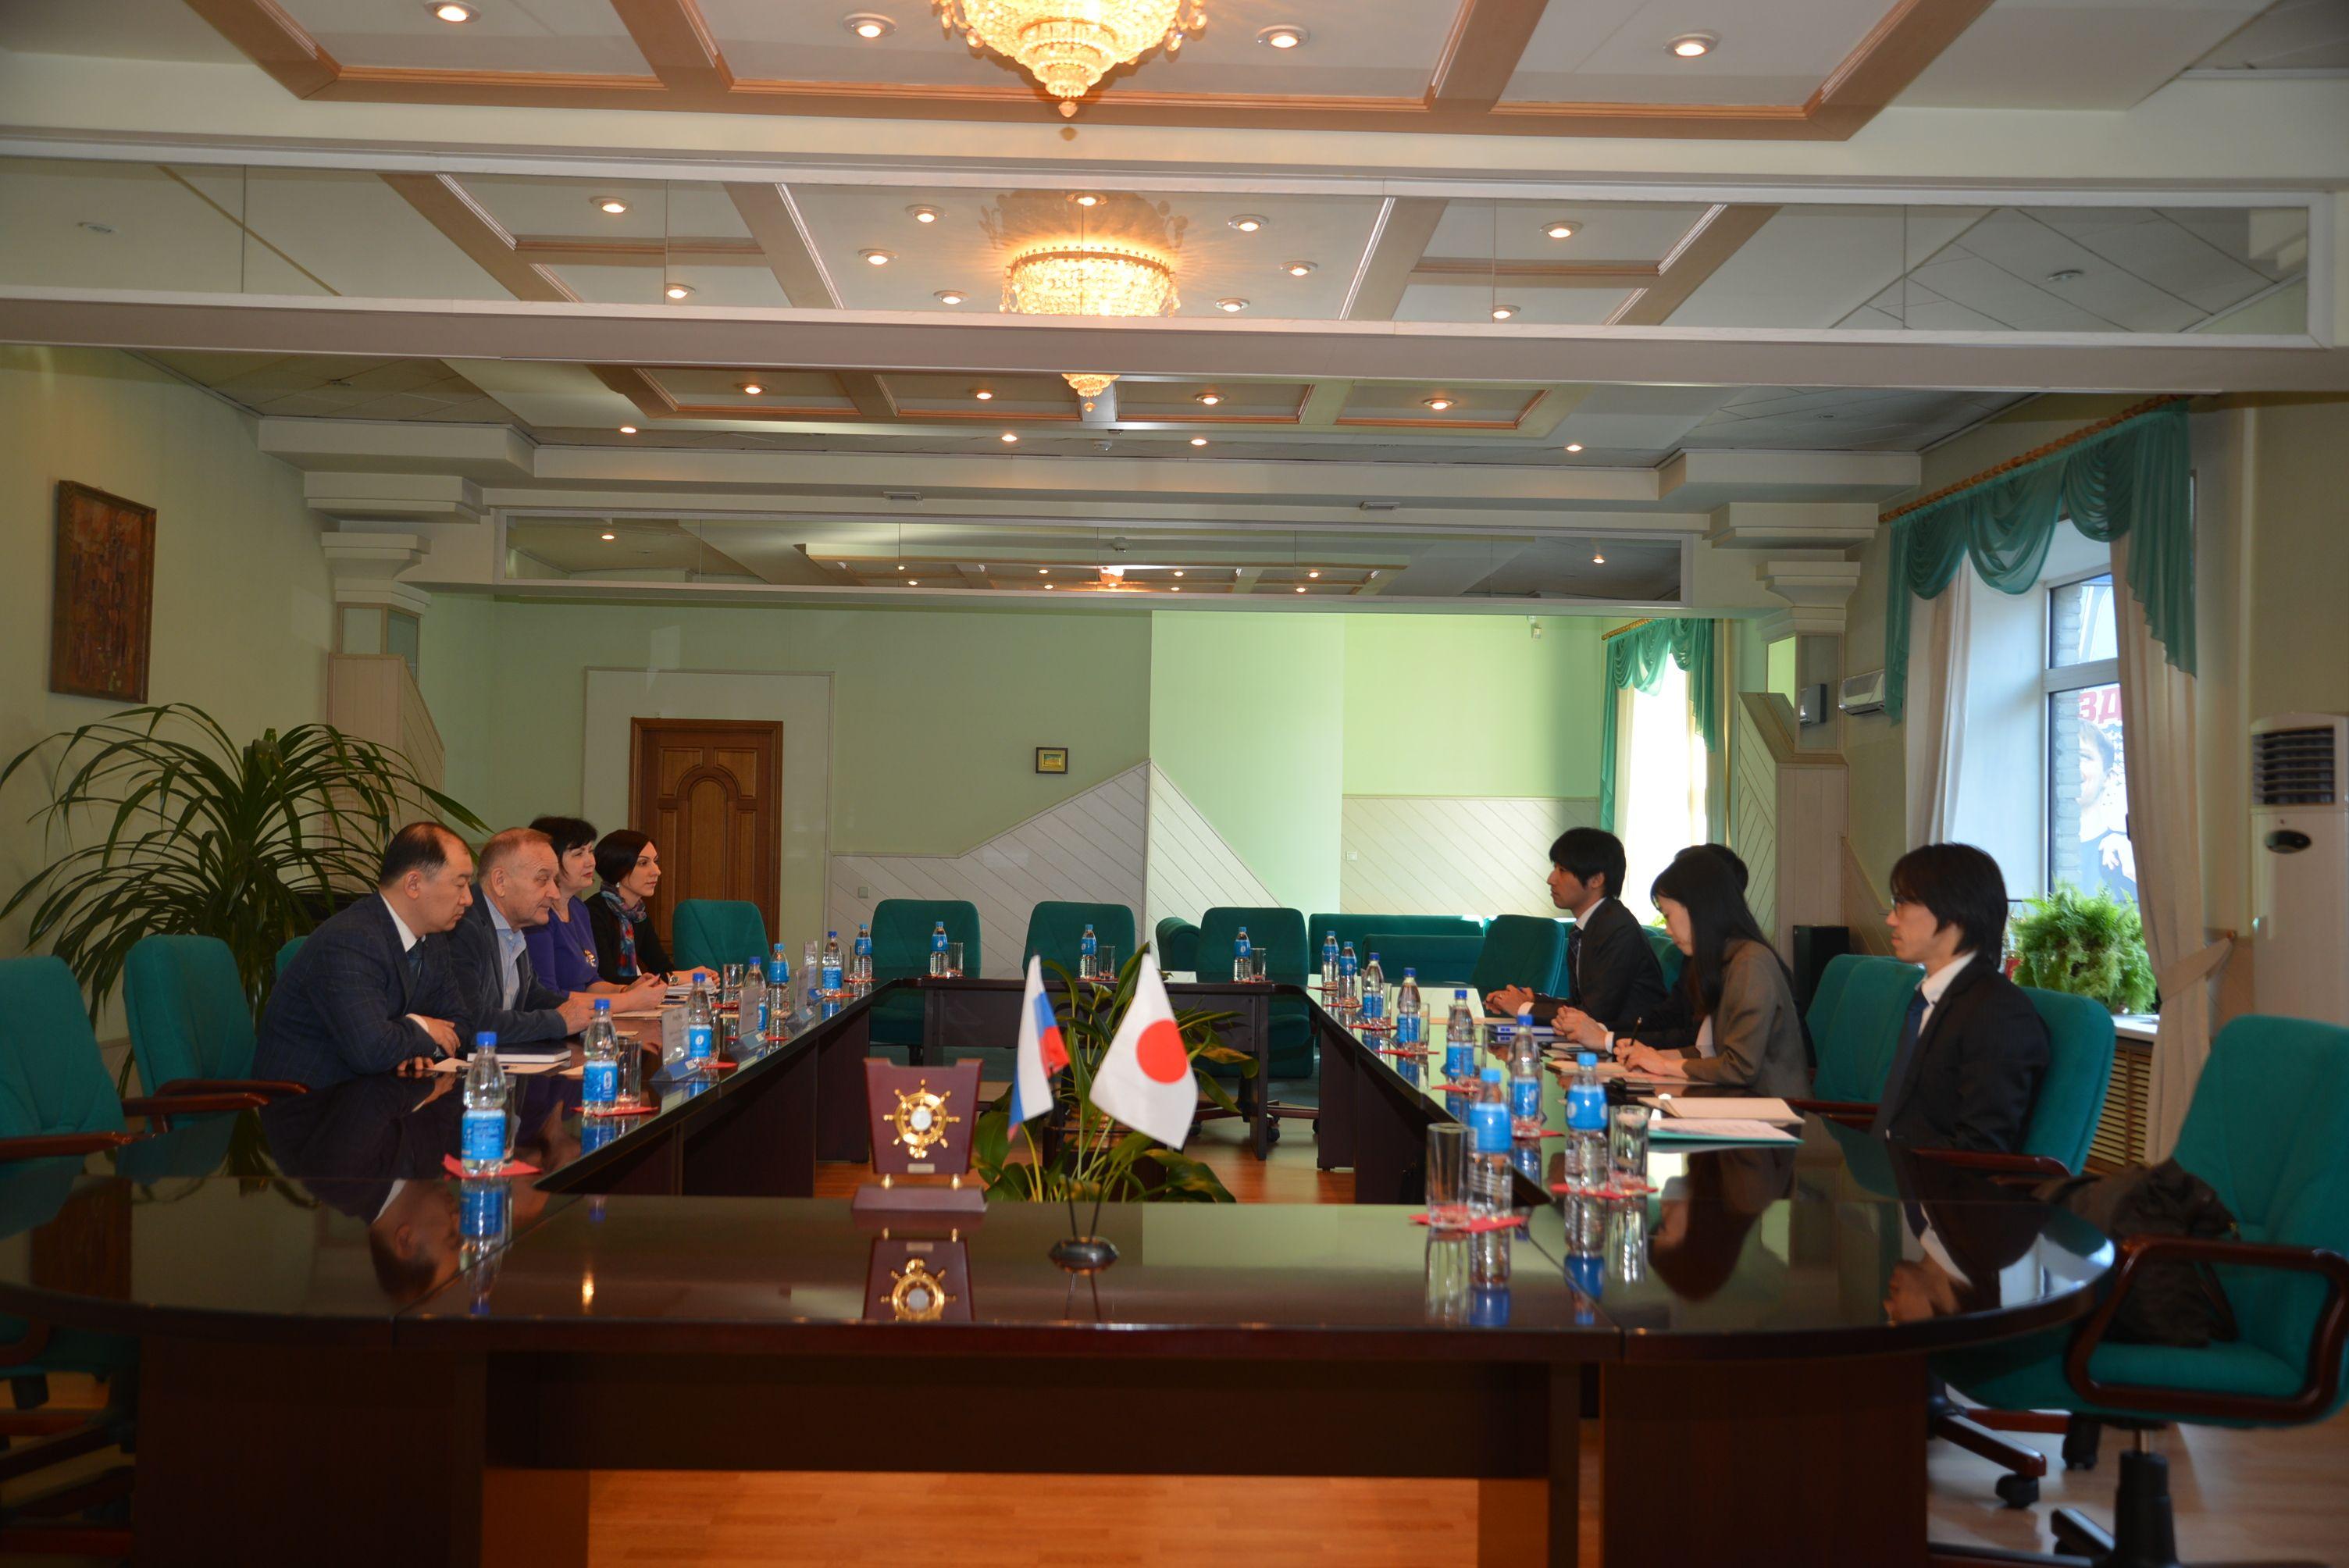 Президент ВГУЭС, профессор Геннадий Лазарев встретился с японским профессором университета Нандзан г-ном Хосино Масахиро